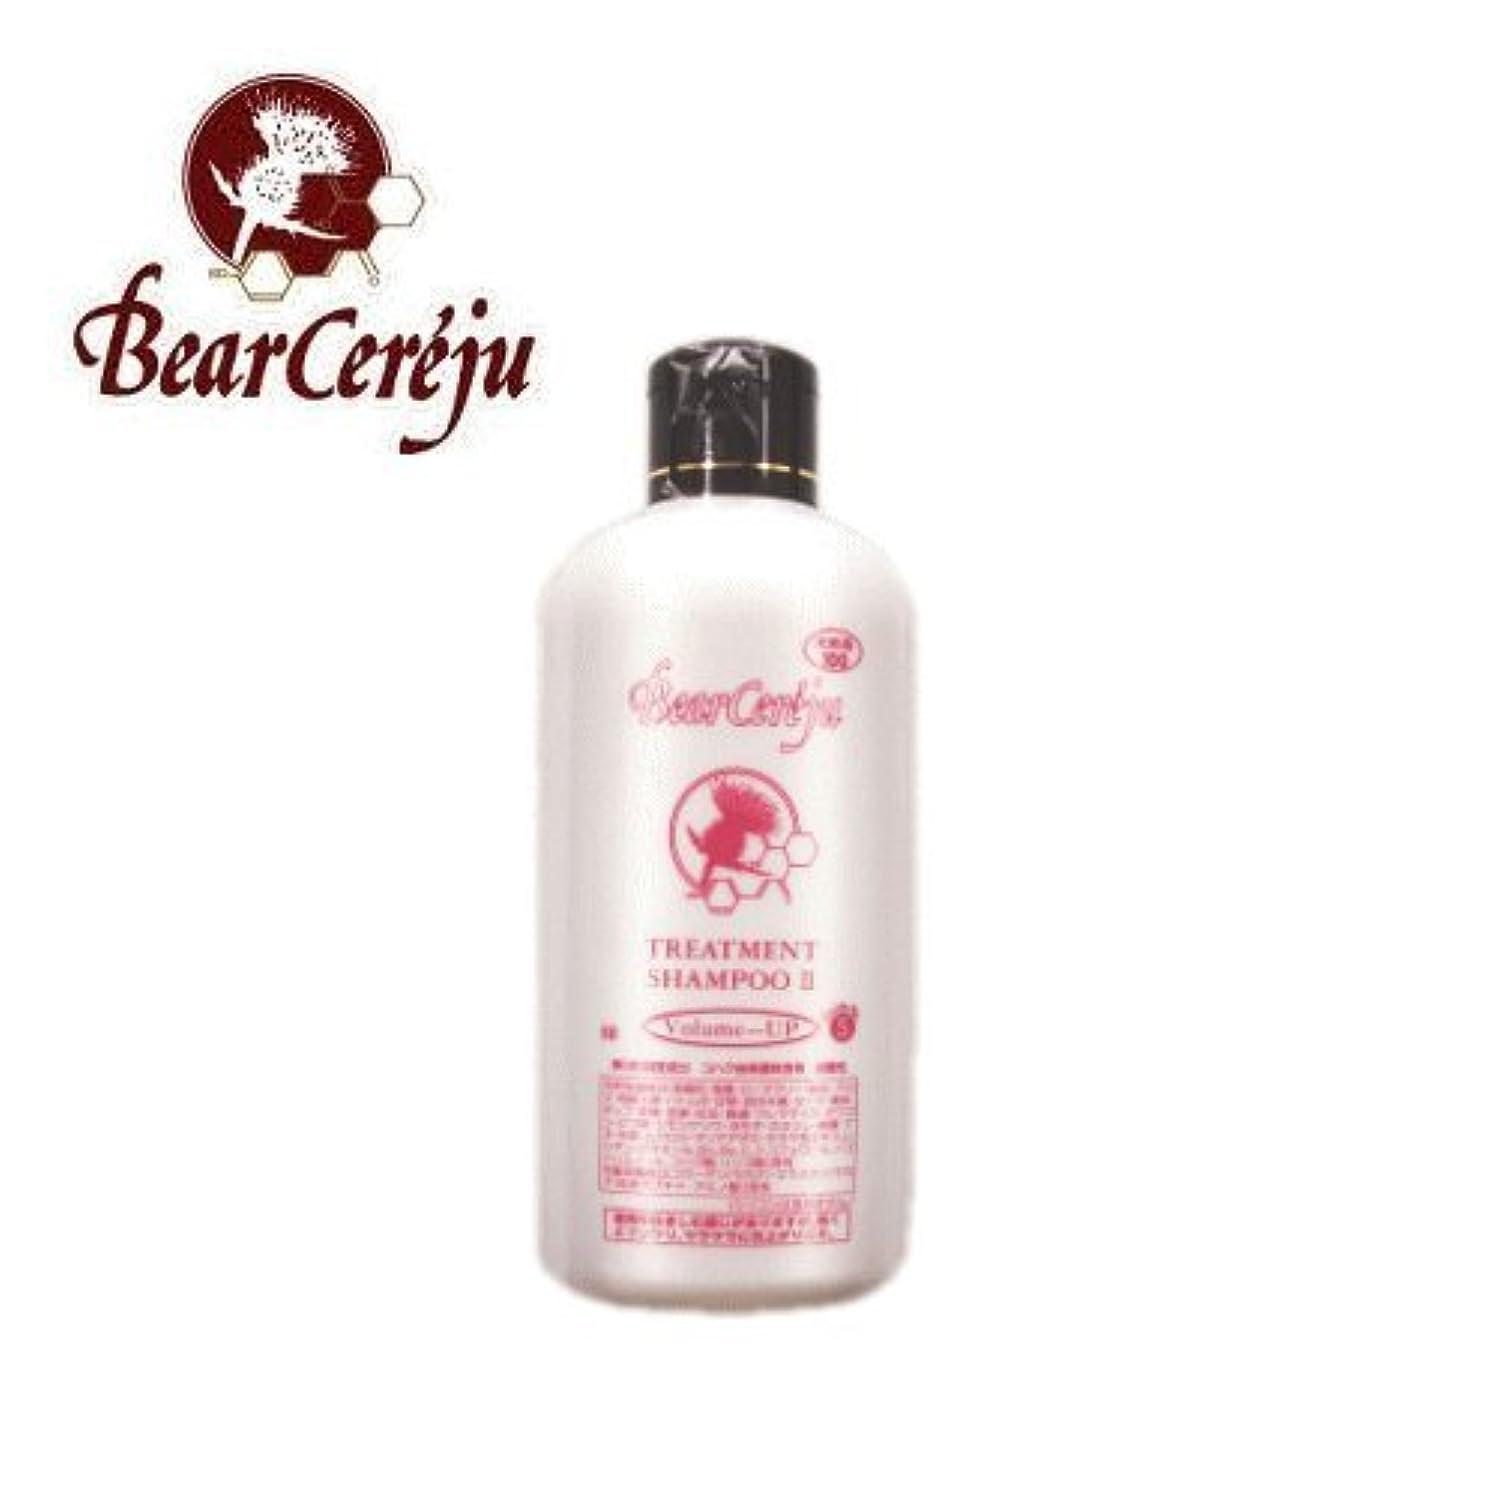 Bear Cereju/ベルセレージュ トリートメントシャンプー2 ボリューム-UP 350ml 美容 ヘアケア ノンシリコン